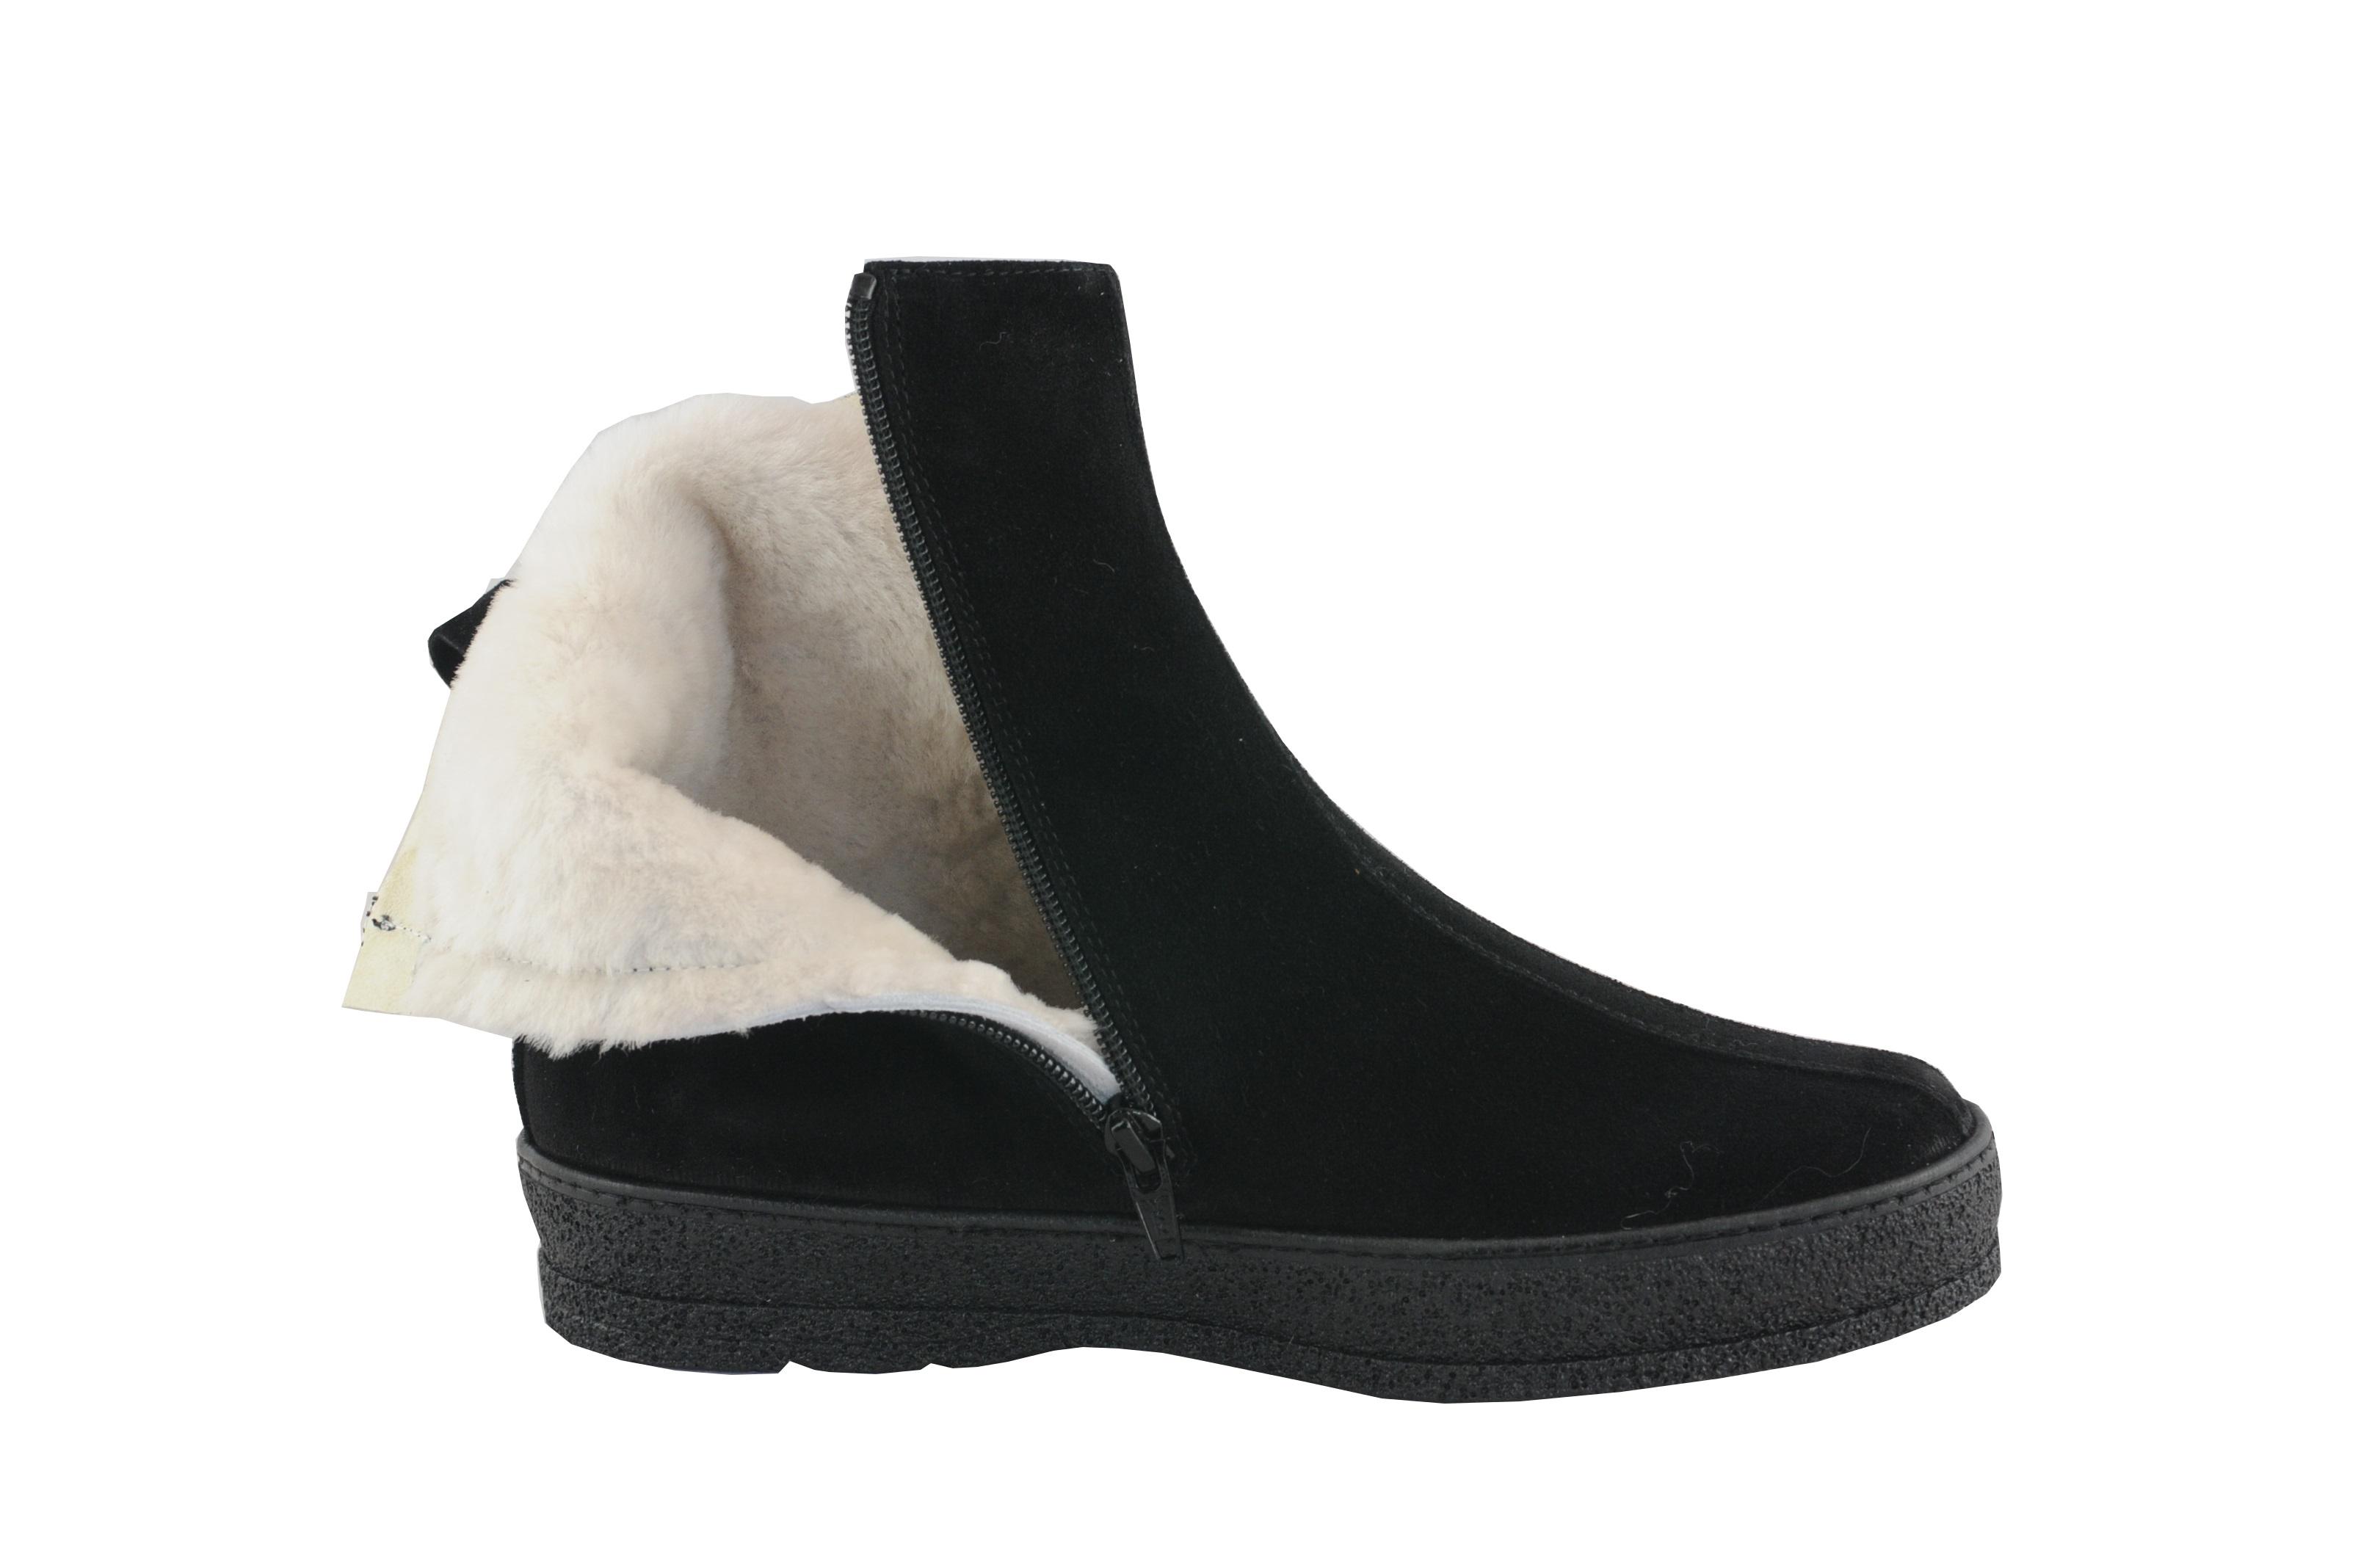 Schwarz Sarnac Stiefel Ii Damen Schuh Ober Ammann 29EIDH